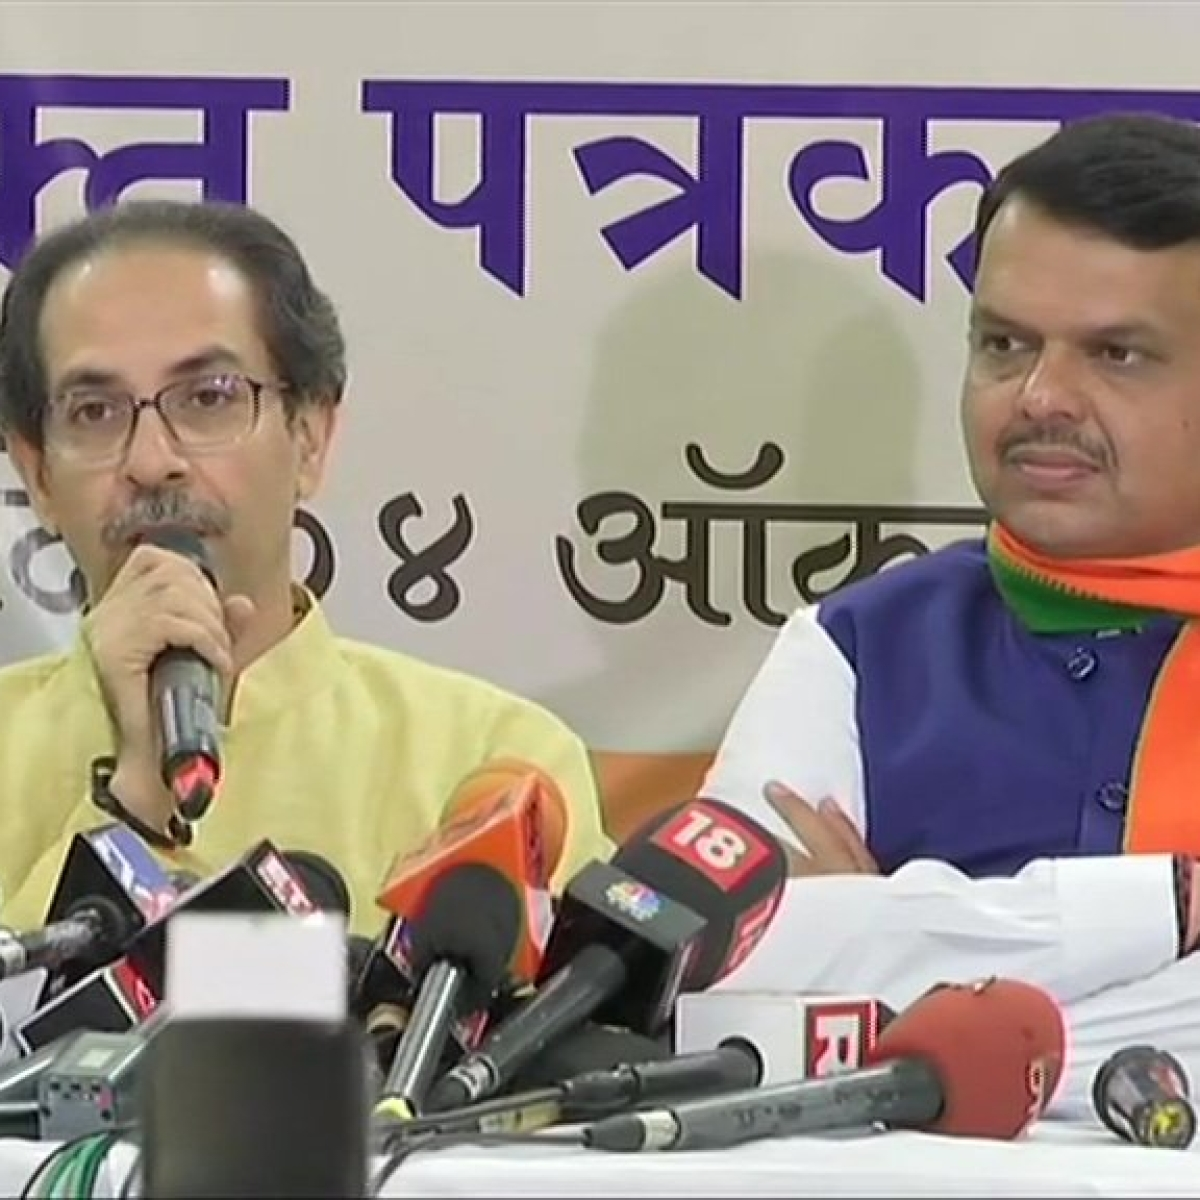 Maharashtra: Will think of tie-up with Shiv Sena if CM Uddhav Thackeray considers it, says BJP